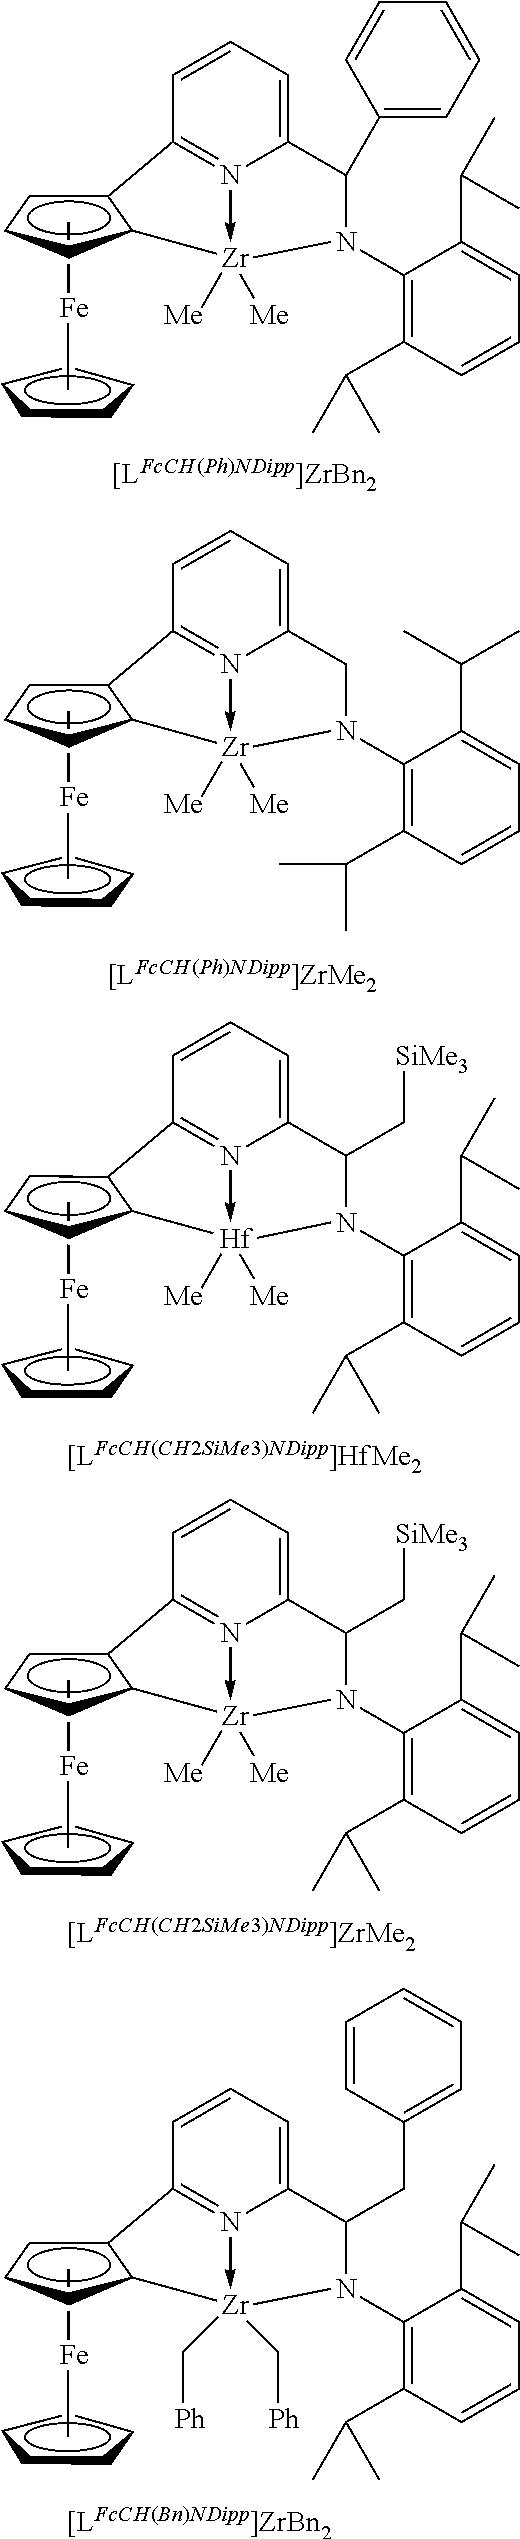 Figure US08163853-20120424-C00012